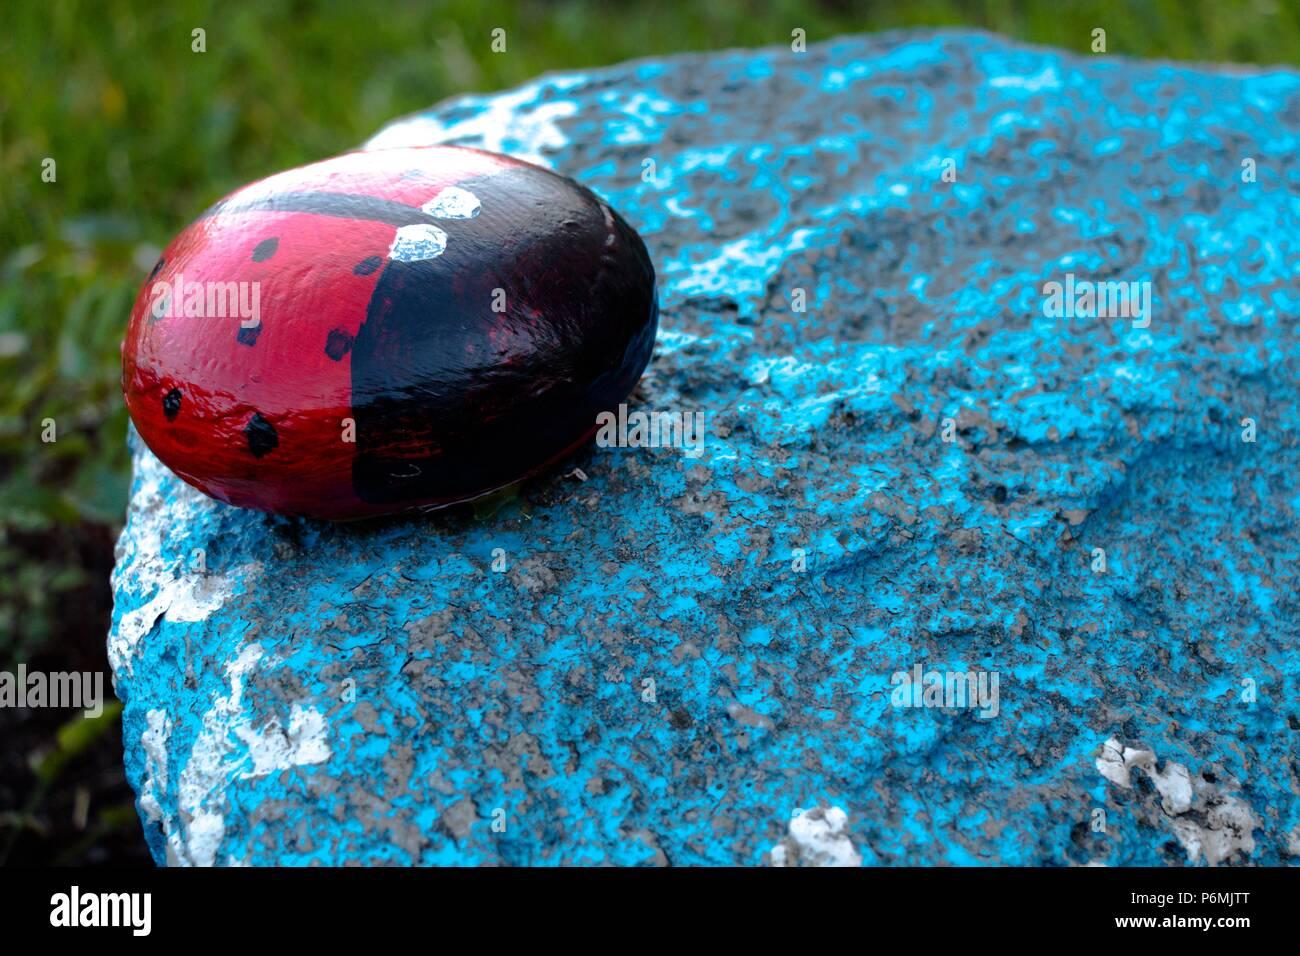 Un insecto llamado mariquita está hecha de piedra y pintado de sus tintas. La cifra se sitúa en el jardín en una piedra azul. Muy bonito e interesante h Foto de stock